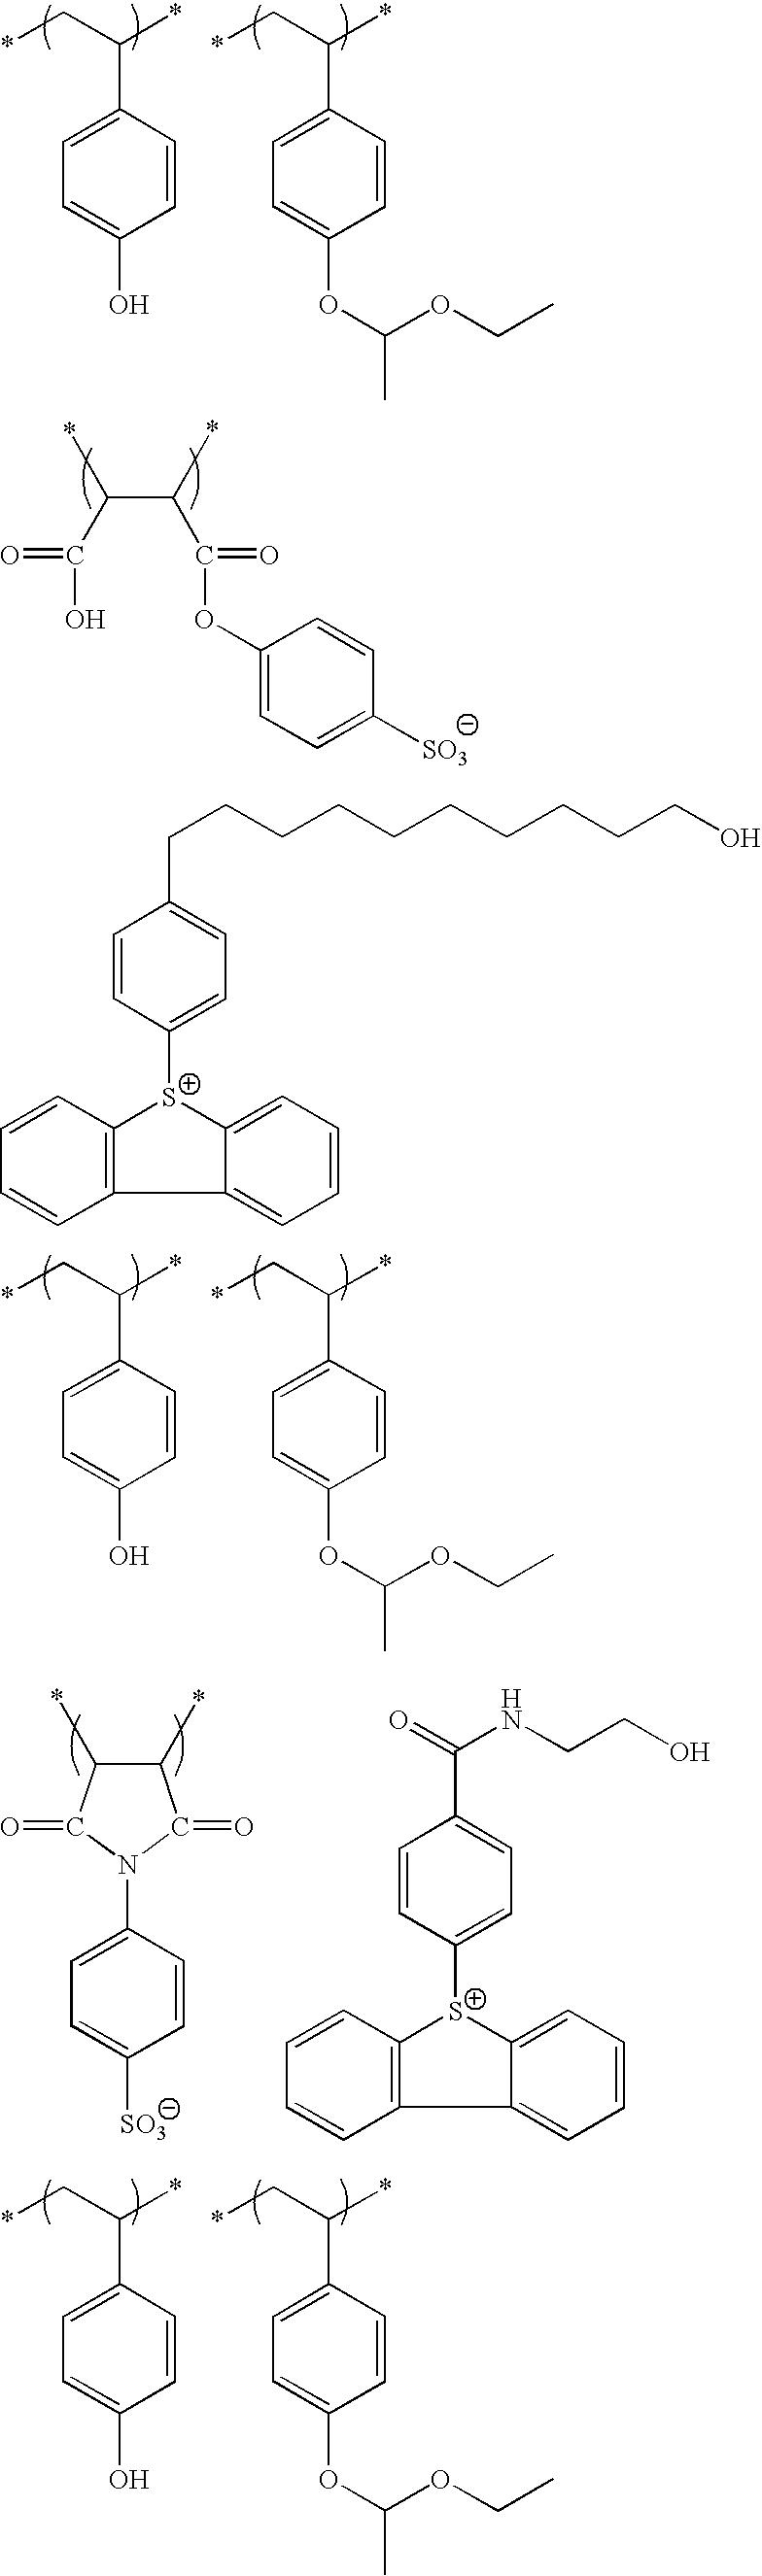 Figure US20100183975A1-20100722-C00148